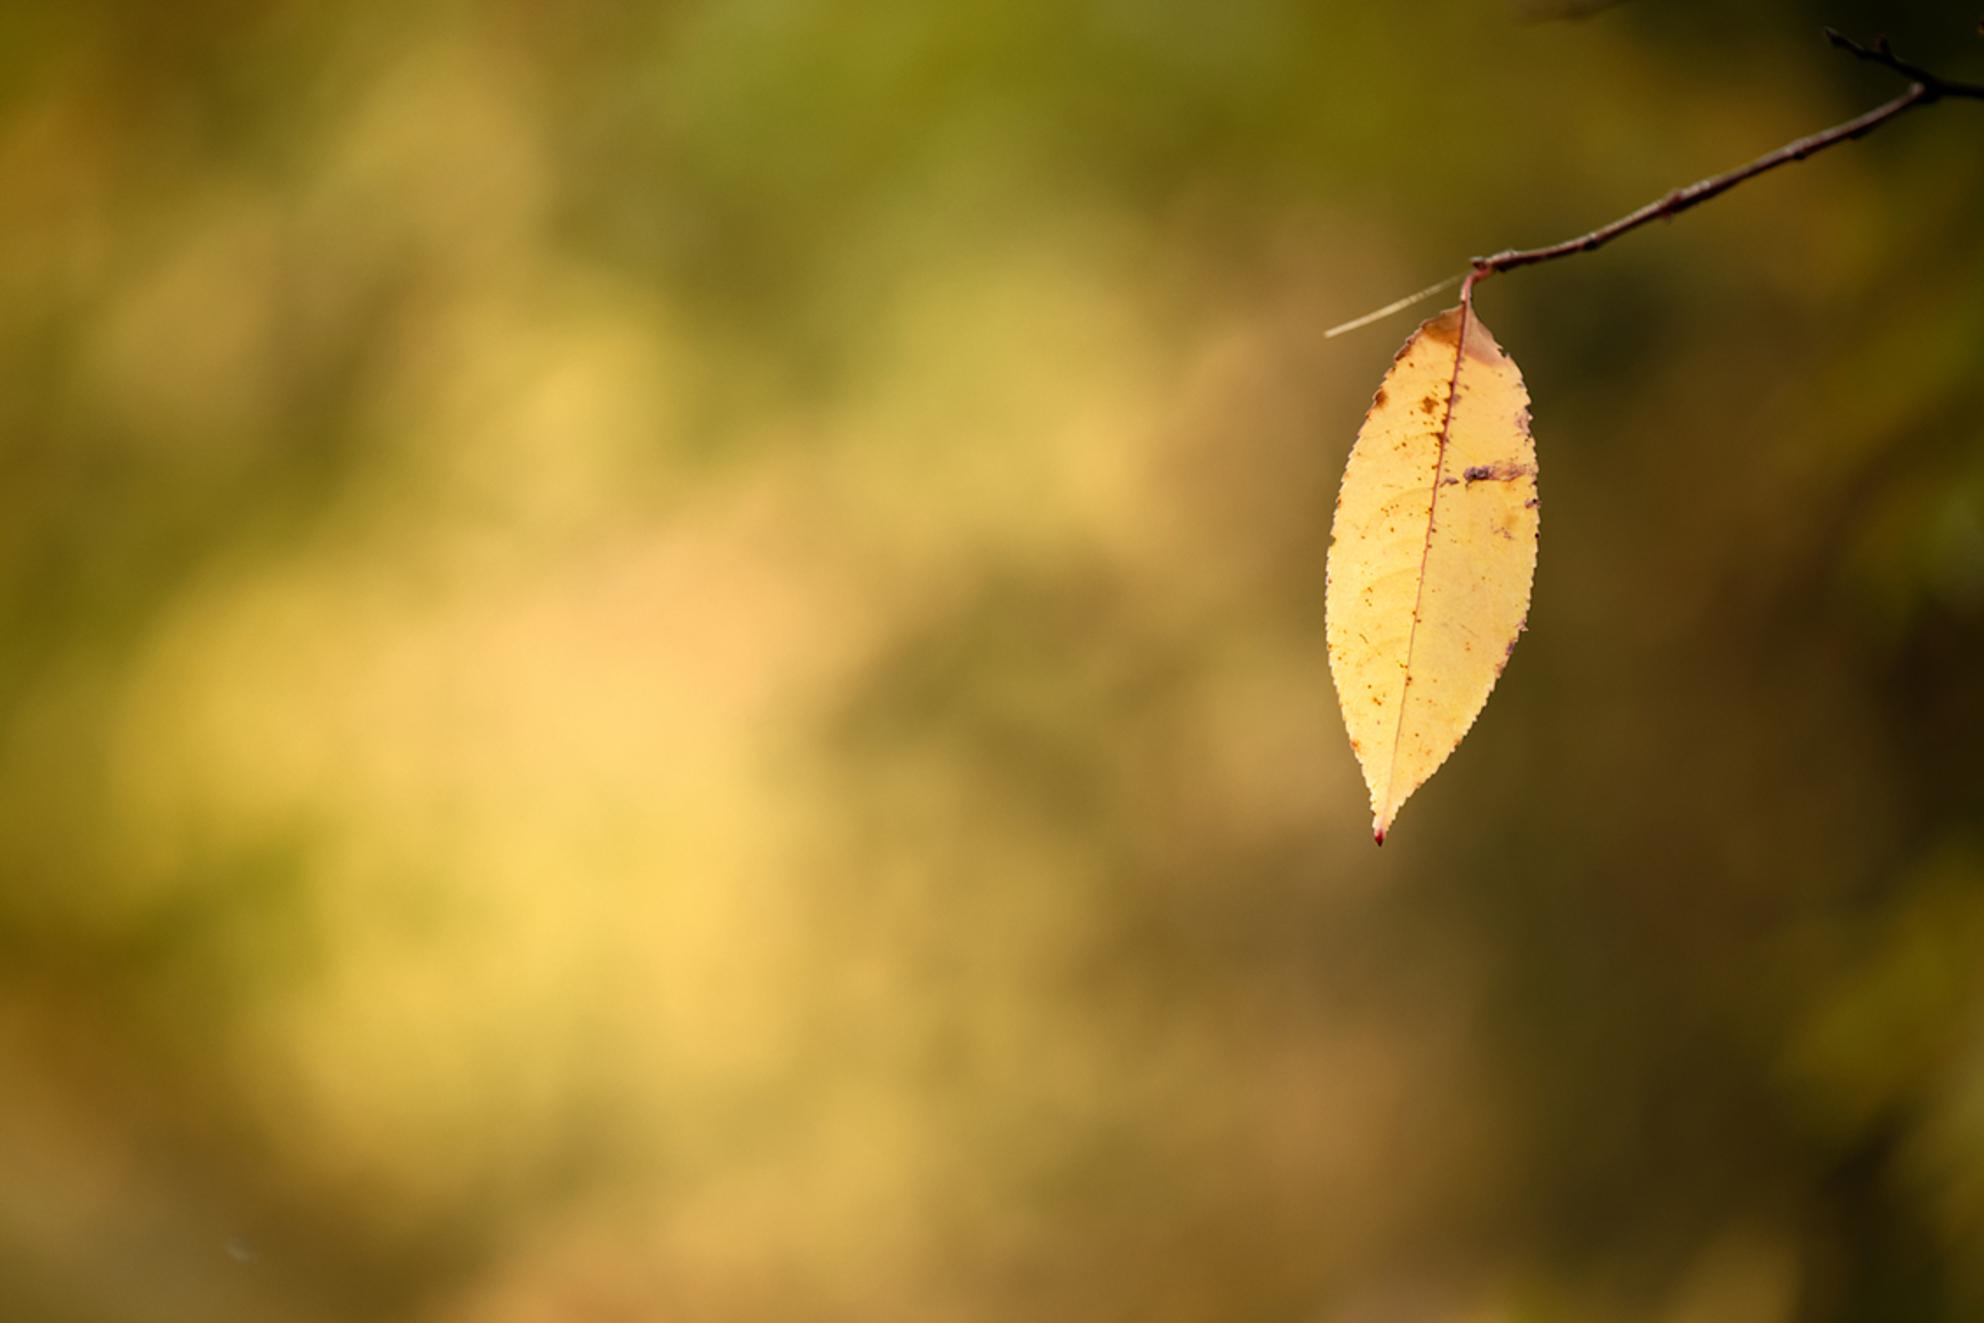 Herst, het laatst blad... - Herfst.  De struik maakt zich op voor de winter. Laatste blad aan de struik. - foto door wilbert.maximus op 22-10-2019 - deze foto bevat: natuur, herfst, blad, landschap, bomen, nikon, eenzaamheid, minimalistic, negative space, d850, tamron 70-200mmg2 - Deze foto mag gebruikt worden in een Zoom.nl publicatie